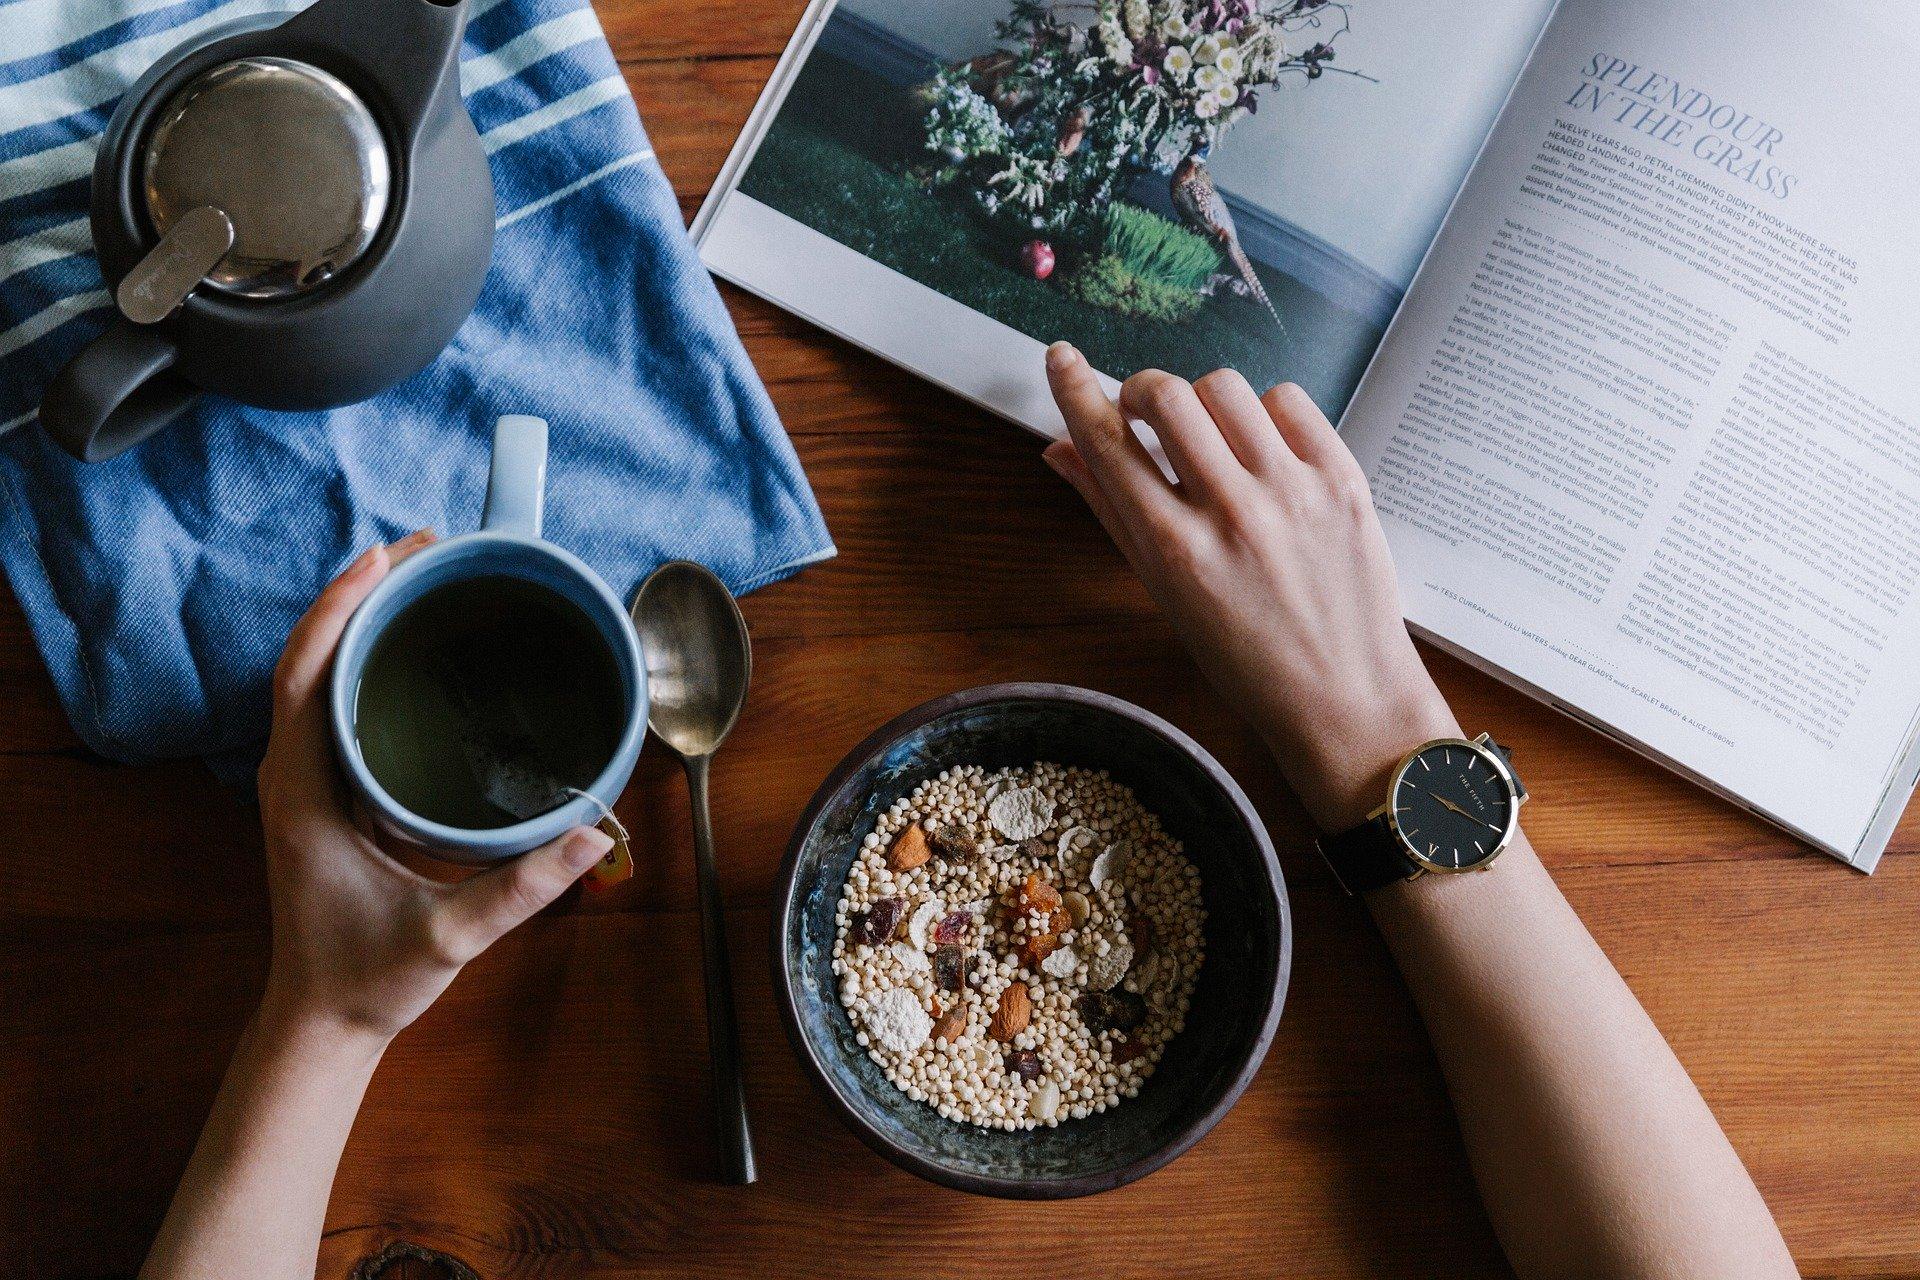 czytanie ksiązki przy pysznym posiłku